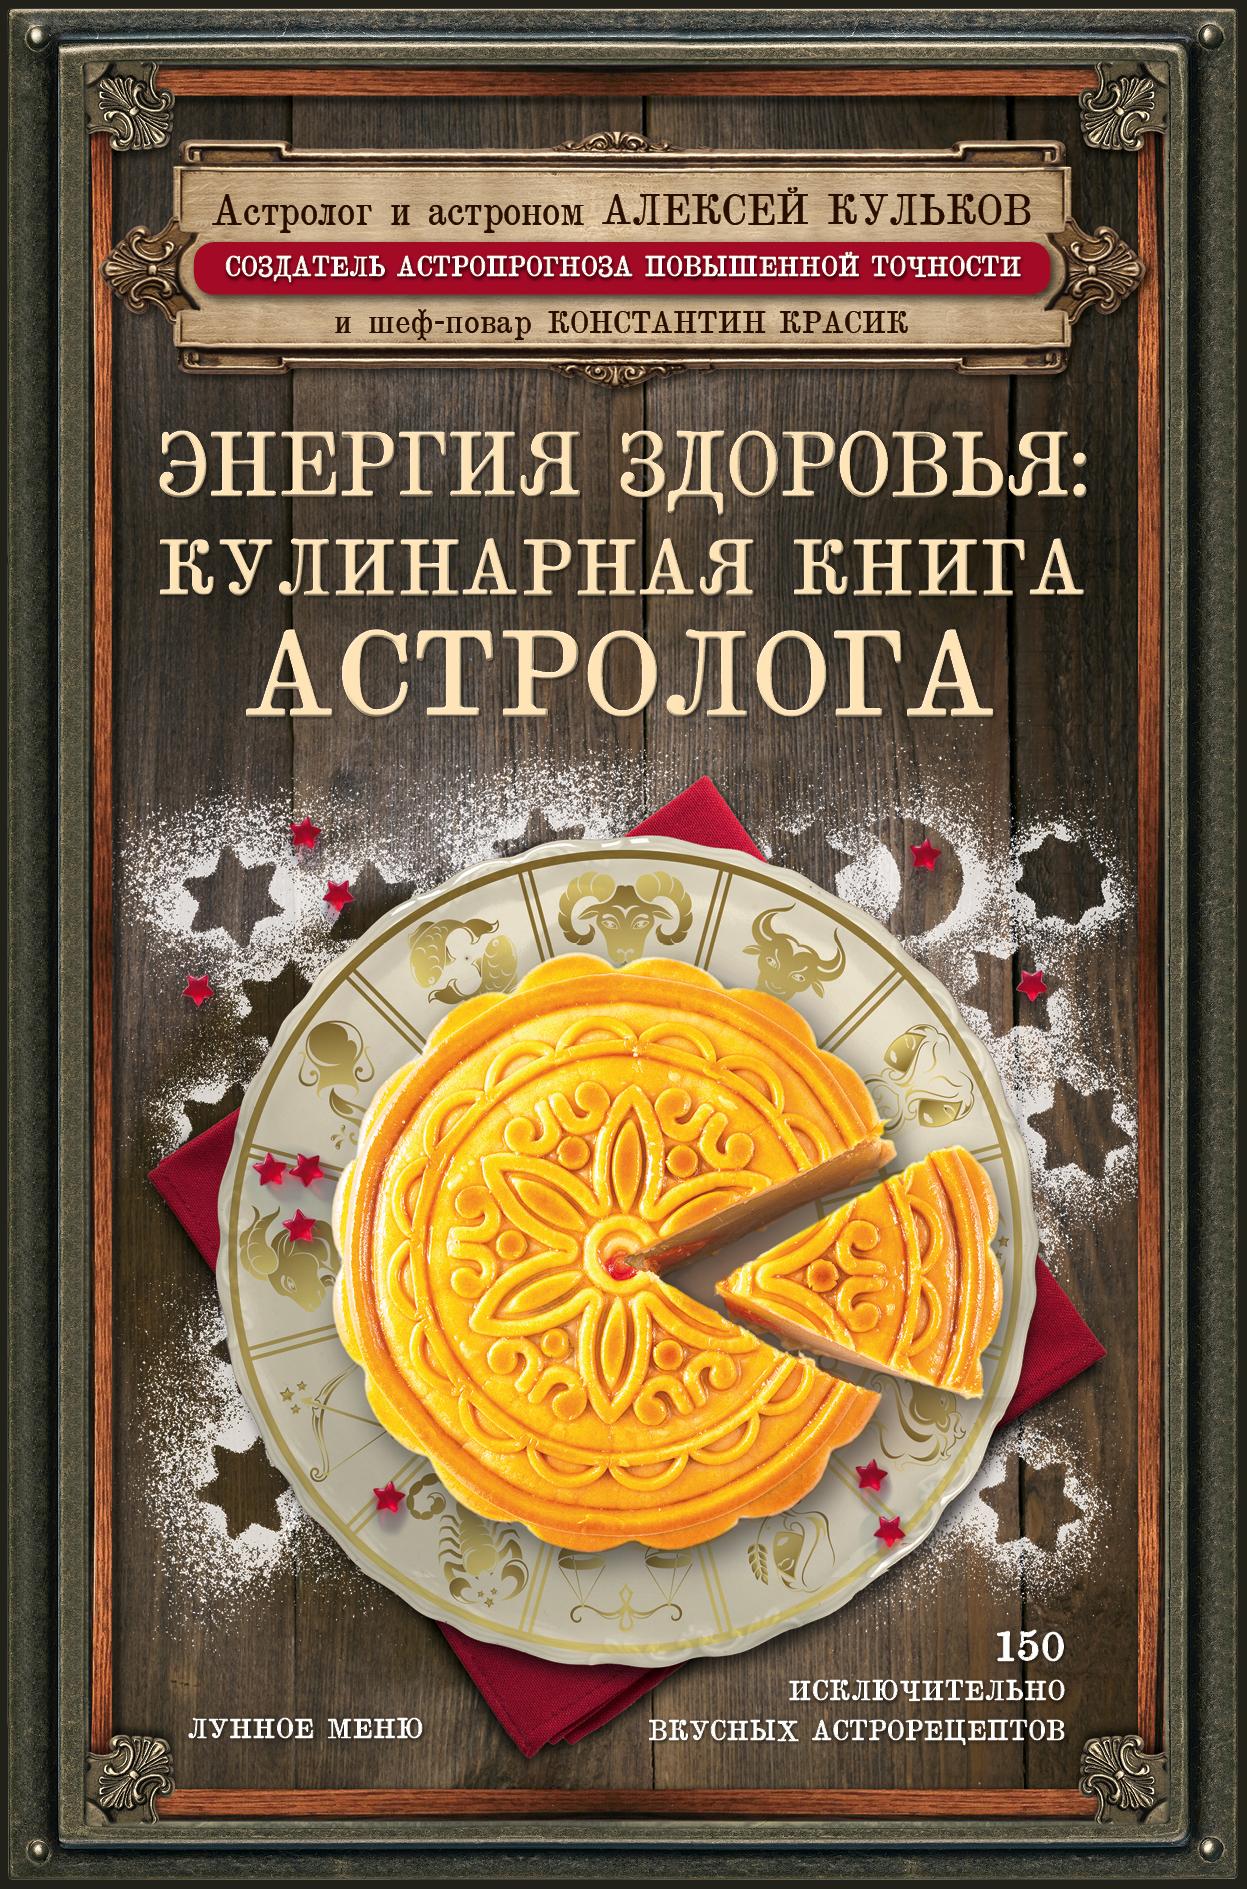 А. М. Кульков Энергия здоровья. Кулинарная книга астролога